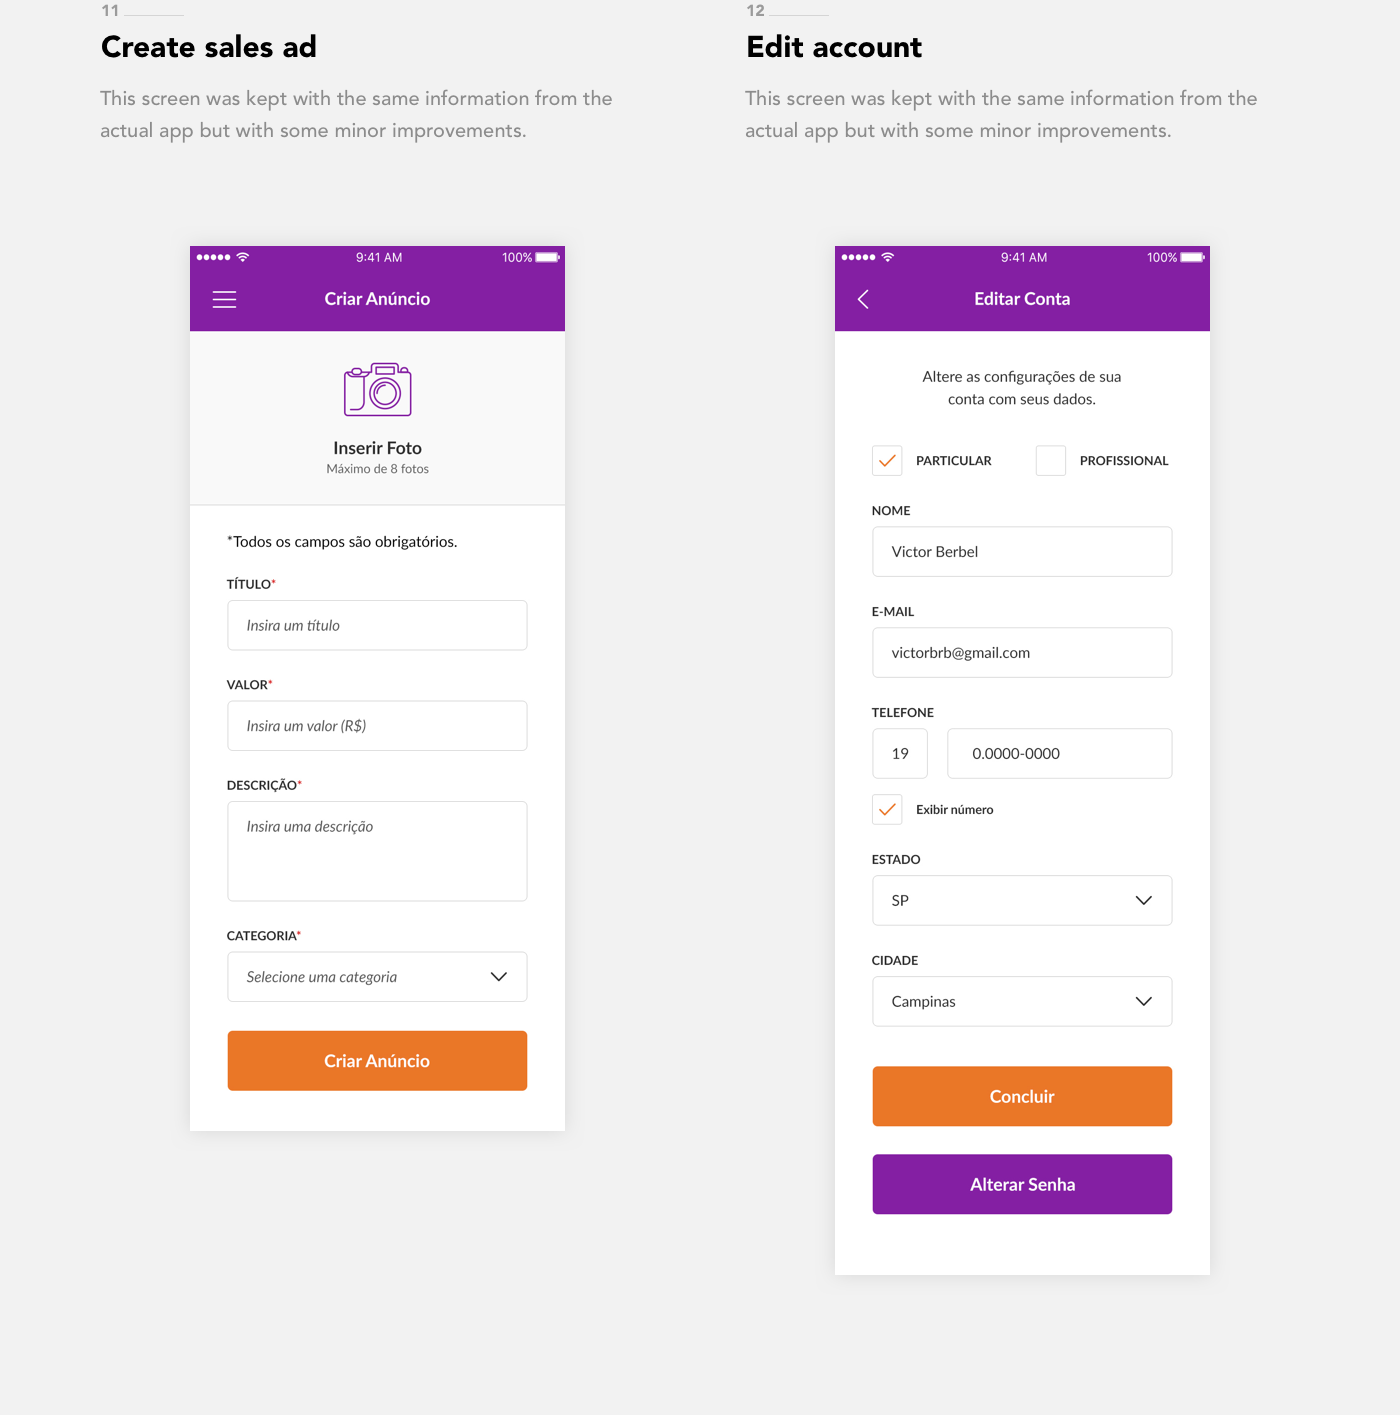 redesign UI ux olx app icons colors design art